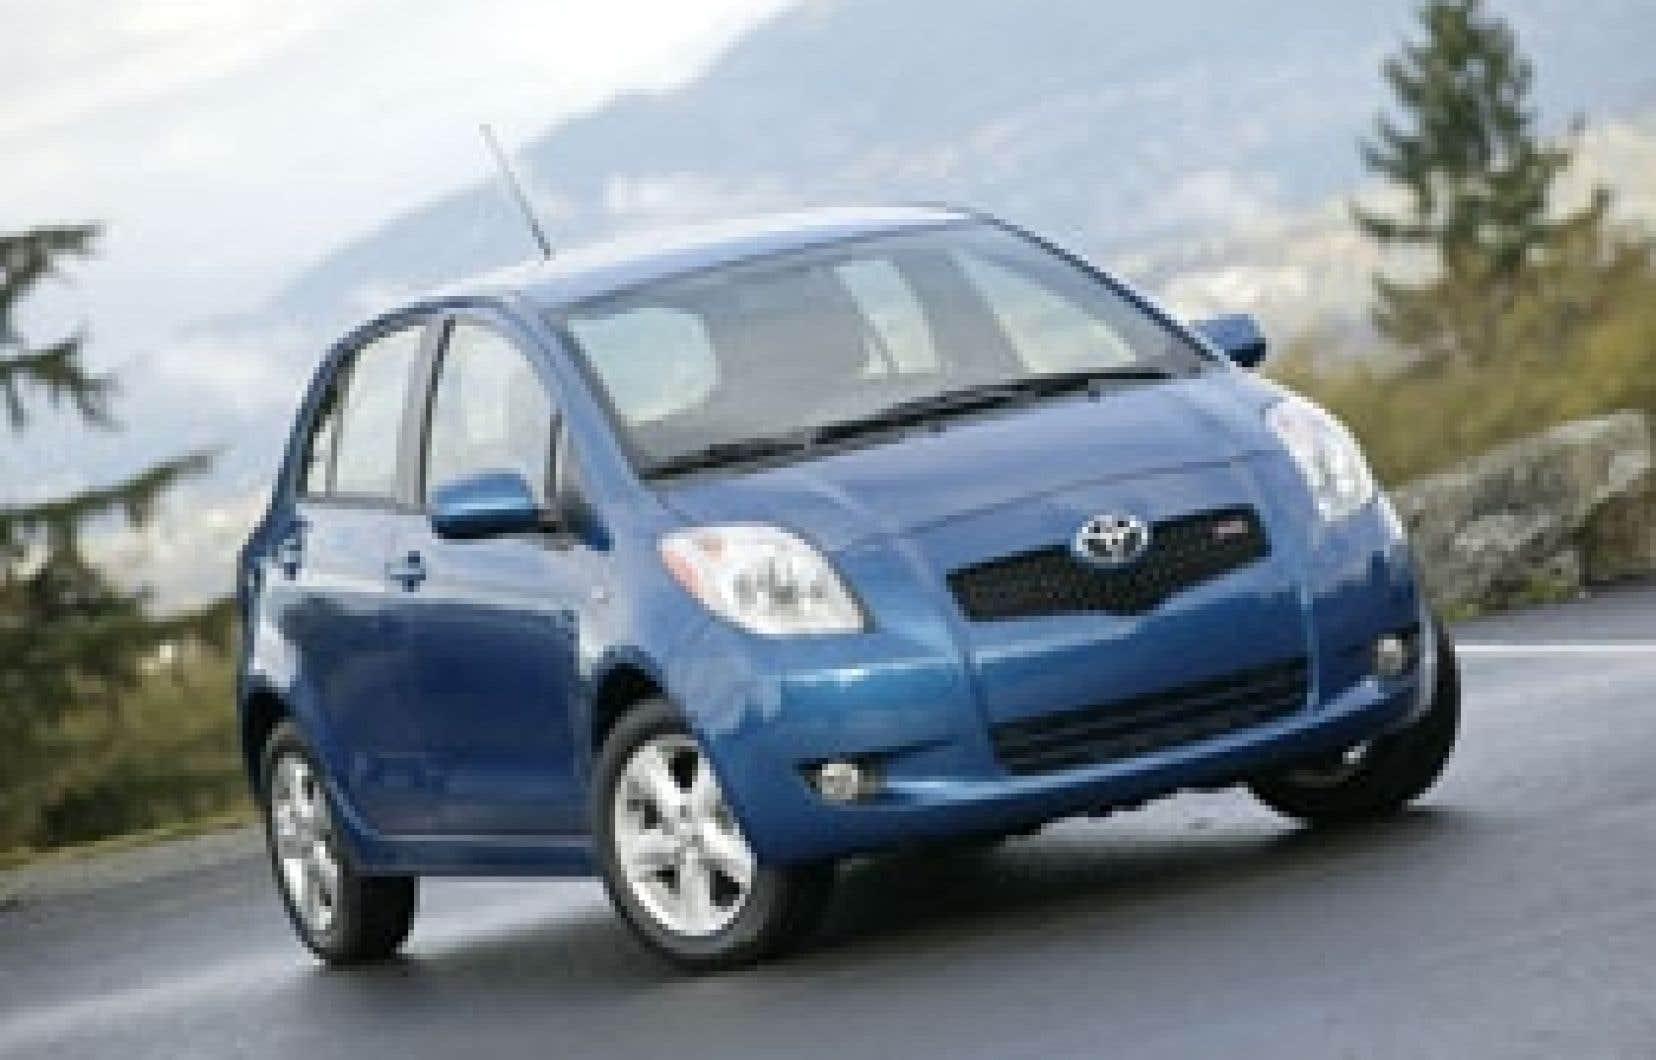 Héritière directe de la Toyota Echo, elle-même la descendante de la Tercel, la Yaris n'a pas que des défauts: sa ligne est plutôt sympathique, et son habitacle est truffé d'astuces pratiques.